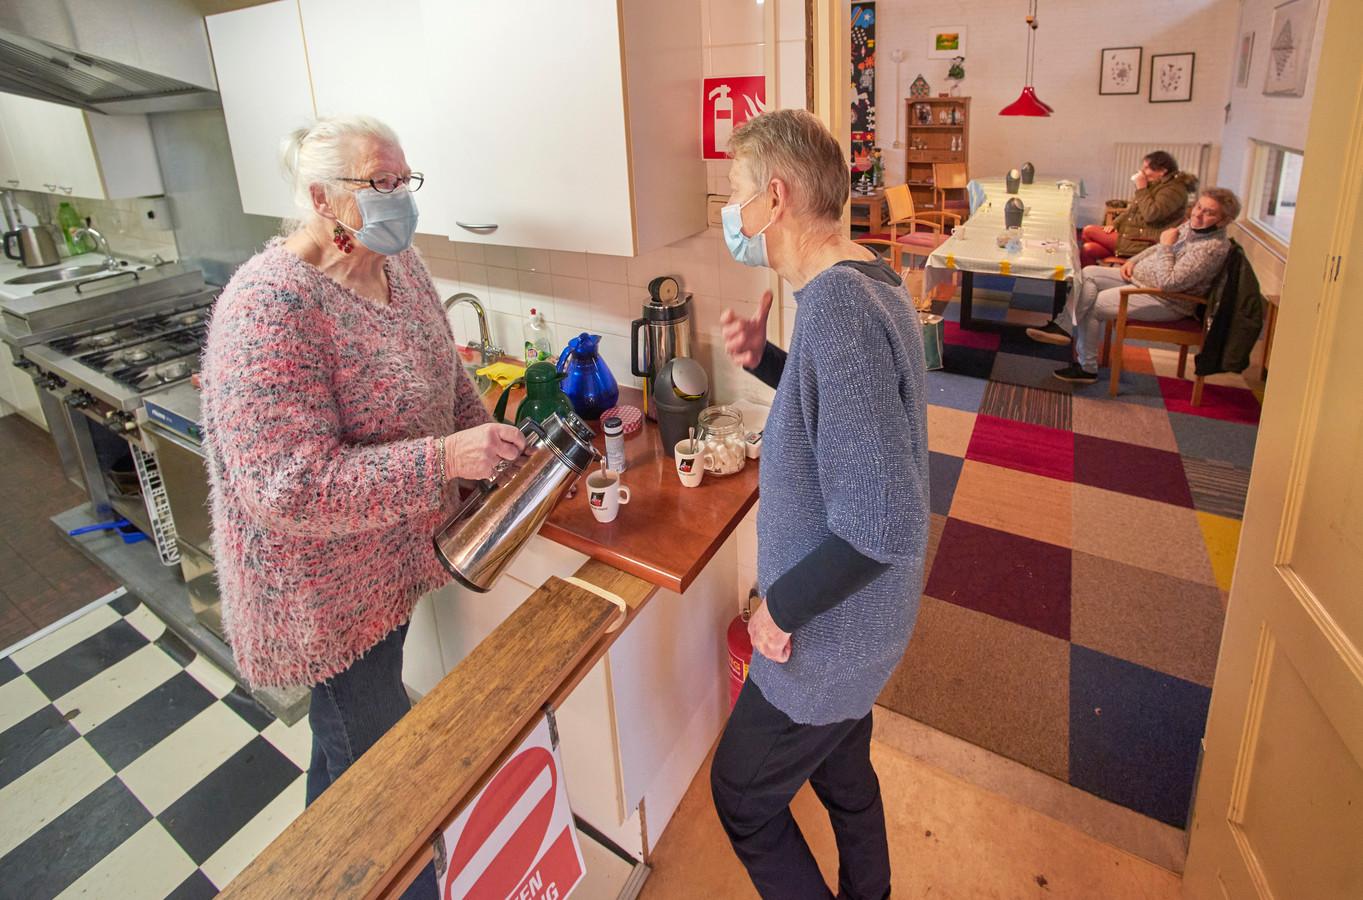 De koffie-ochtend in het Huis van de Wijk in Oss.  Deze gaan ondanks de coronamaatsregelen gewoon door. Wel moet men zich aan de regels houden, zoals een keukenverbod. Links vrijwilligster Diny van Bakel die een praatje maakt met gast Ria de Guijter.